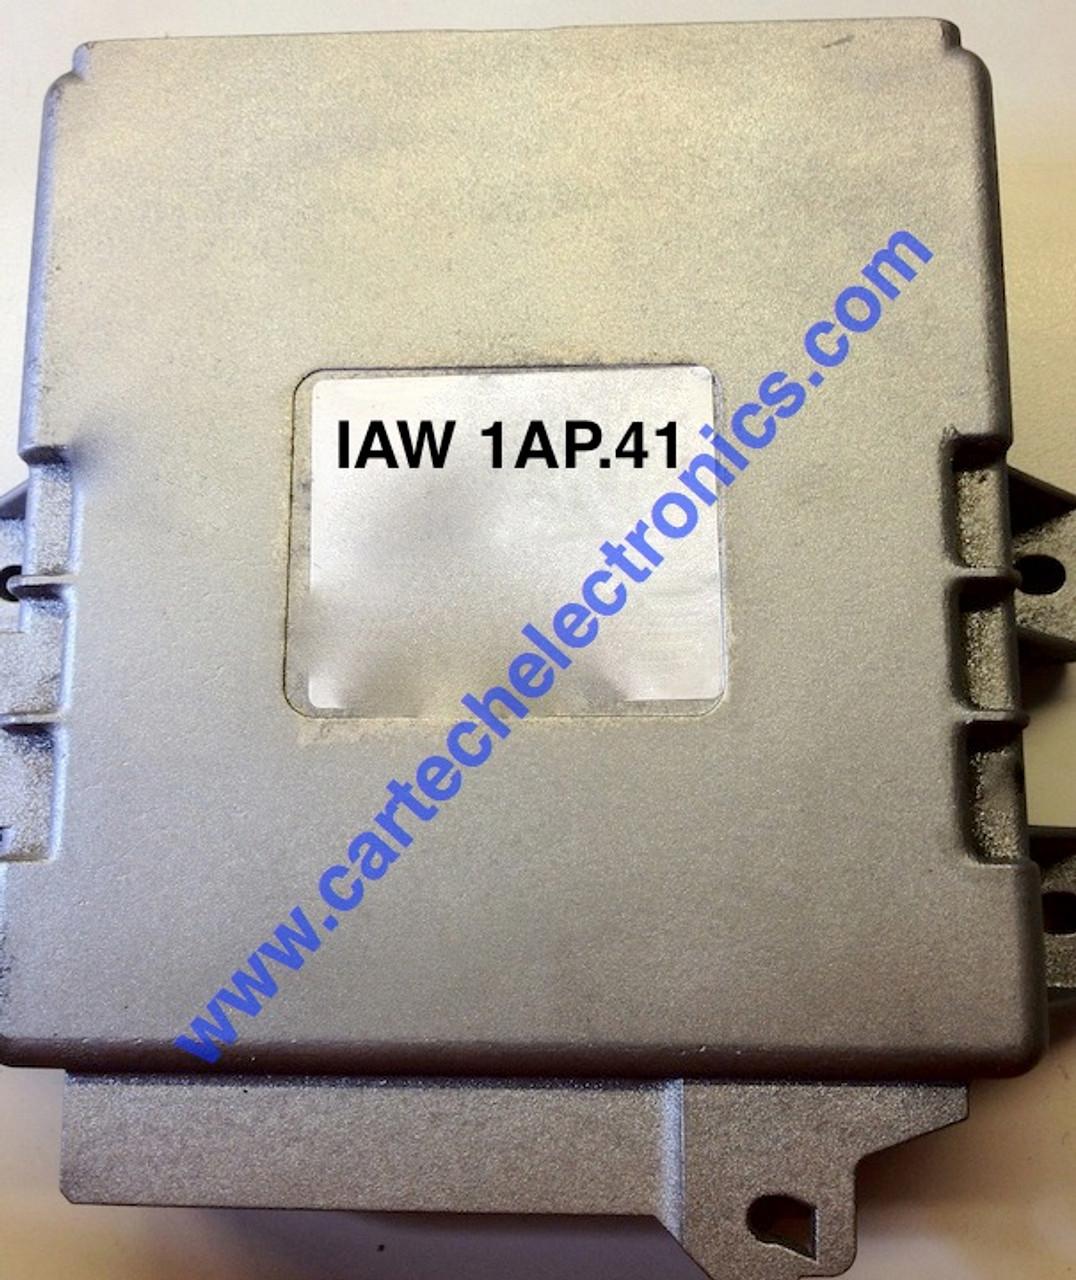 IAW 1AP.41, 16225.574, 9637089180 E, Saxo VTS, 106 GTi